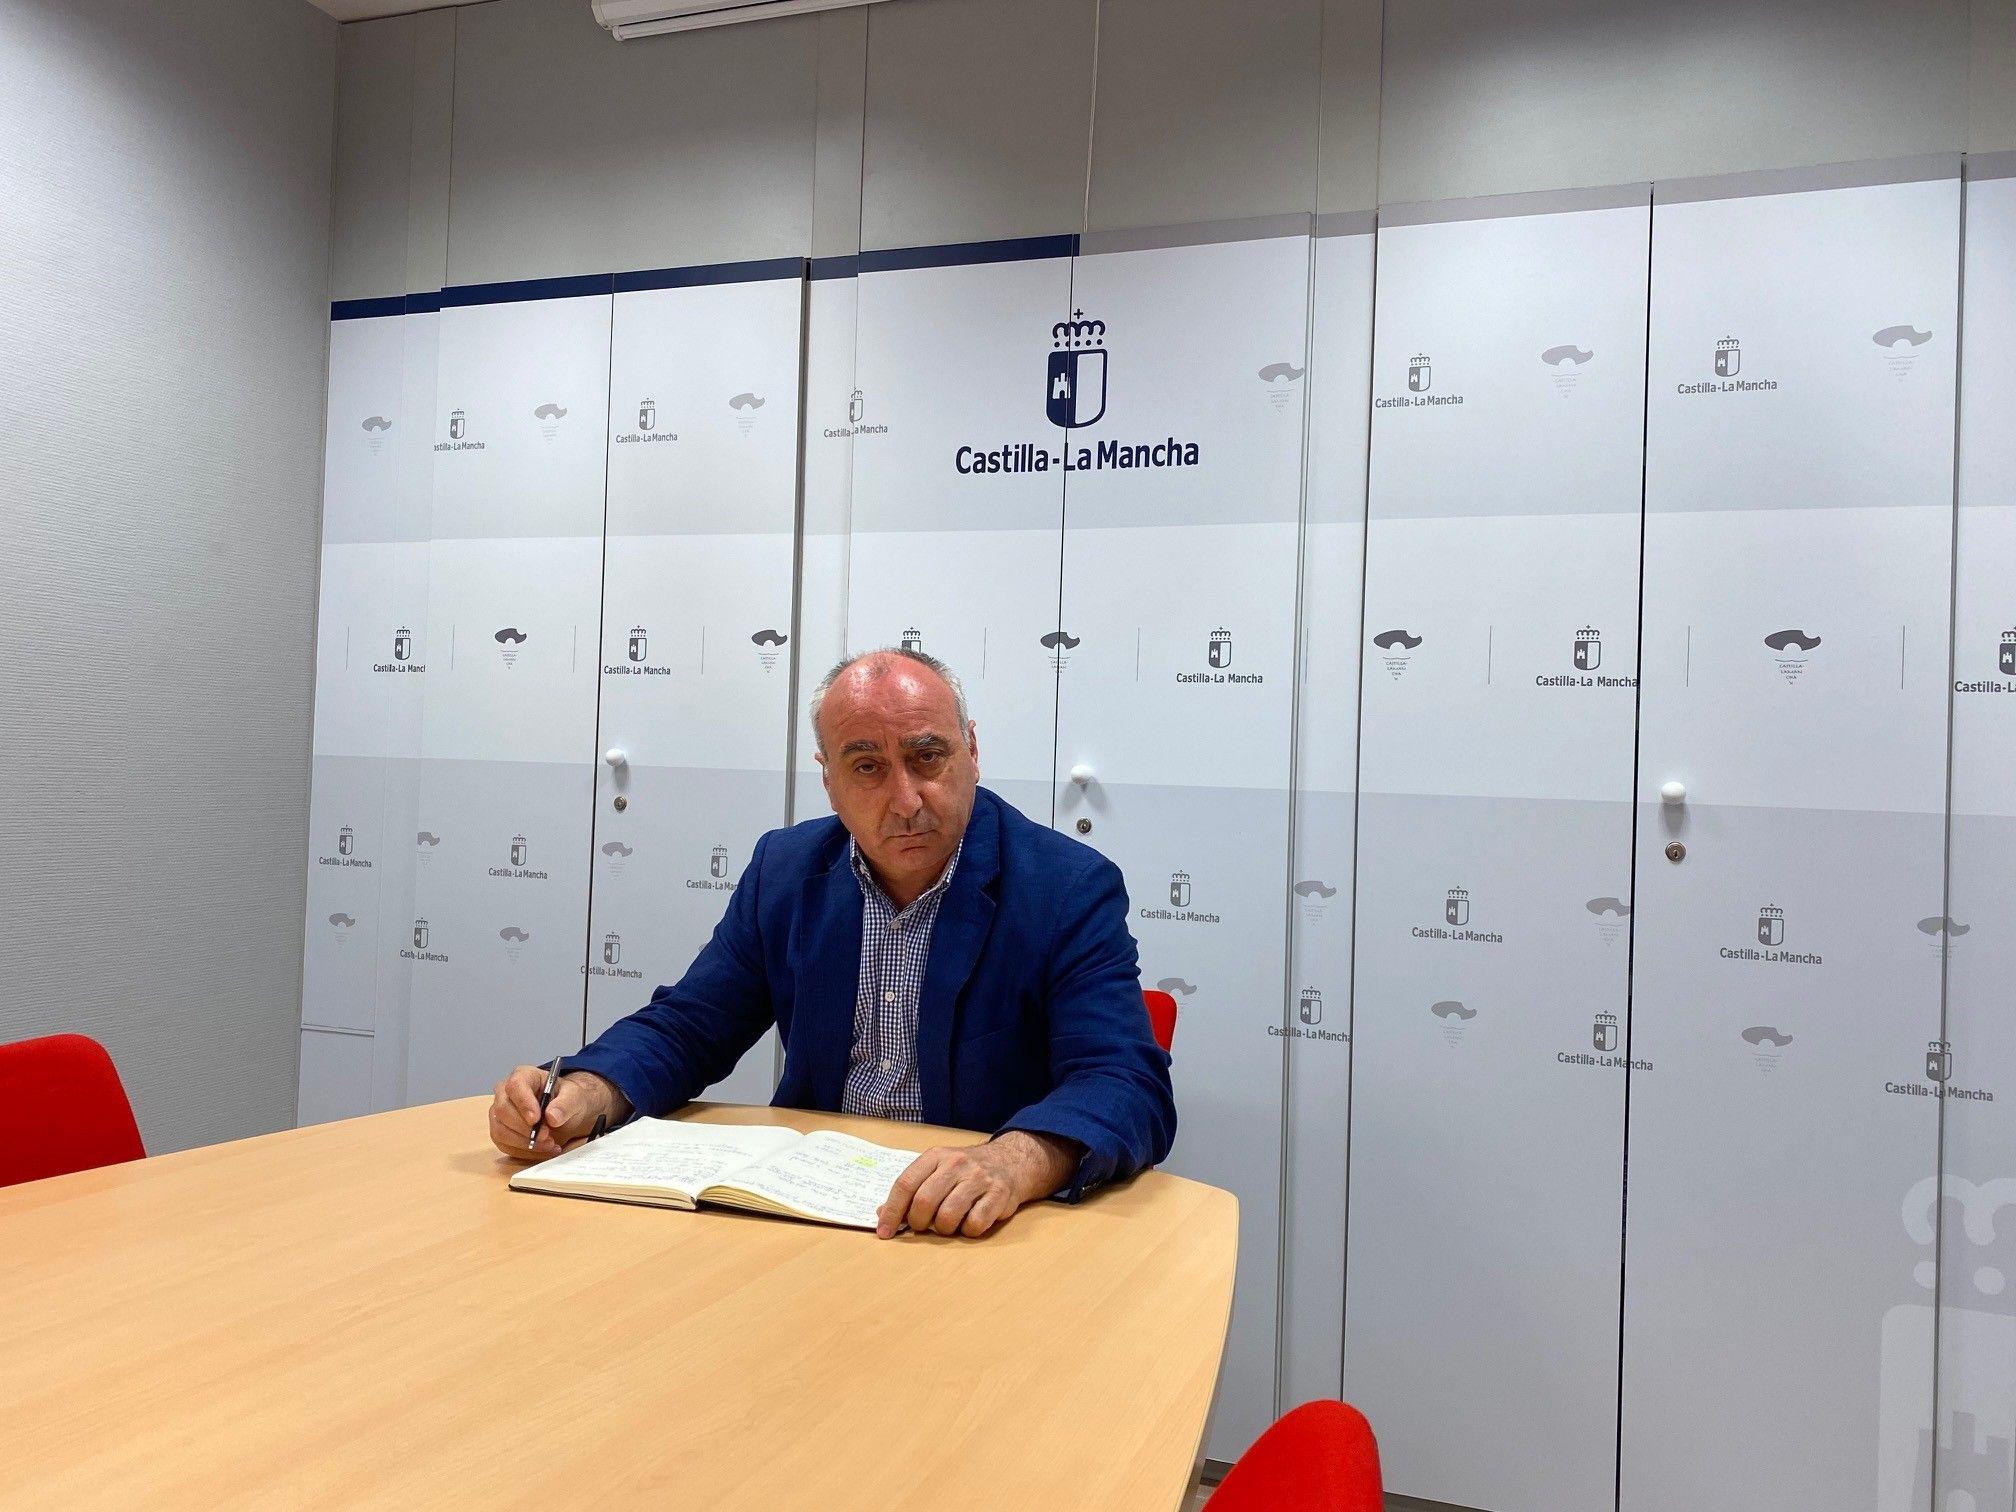 El Gobierno regional destina 7,7 millones de euros para la formación de 2.865 personas desempleadas de la provincia de Toledo